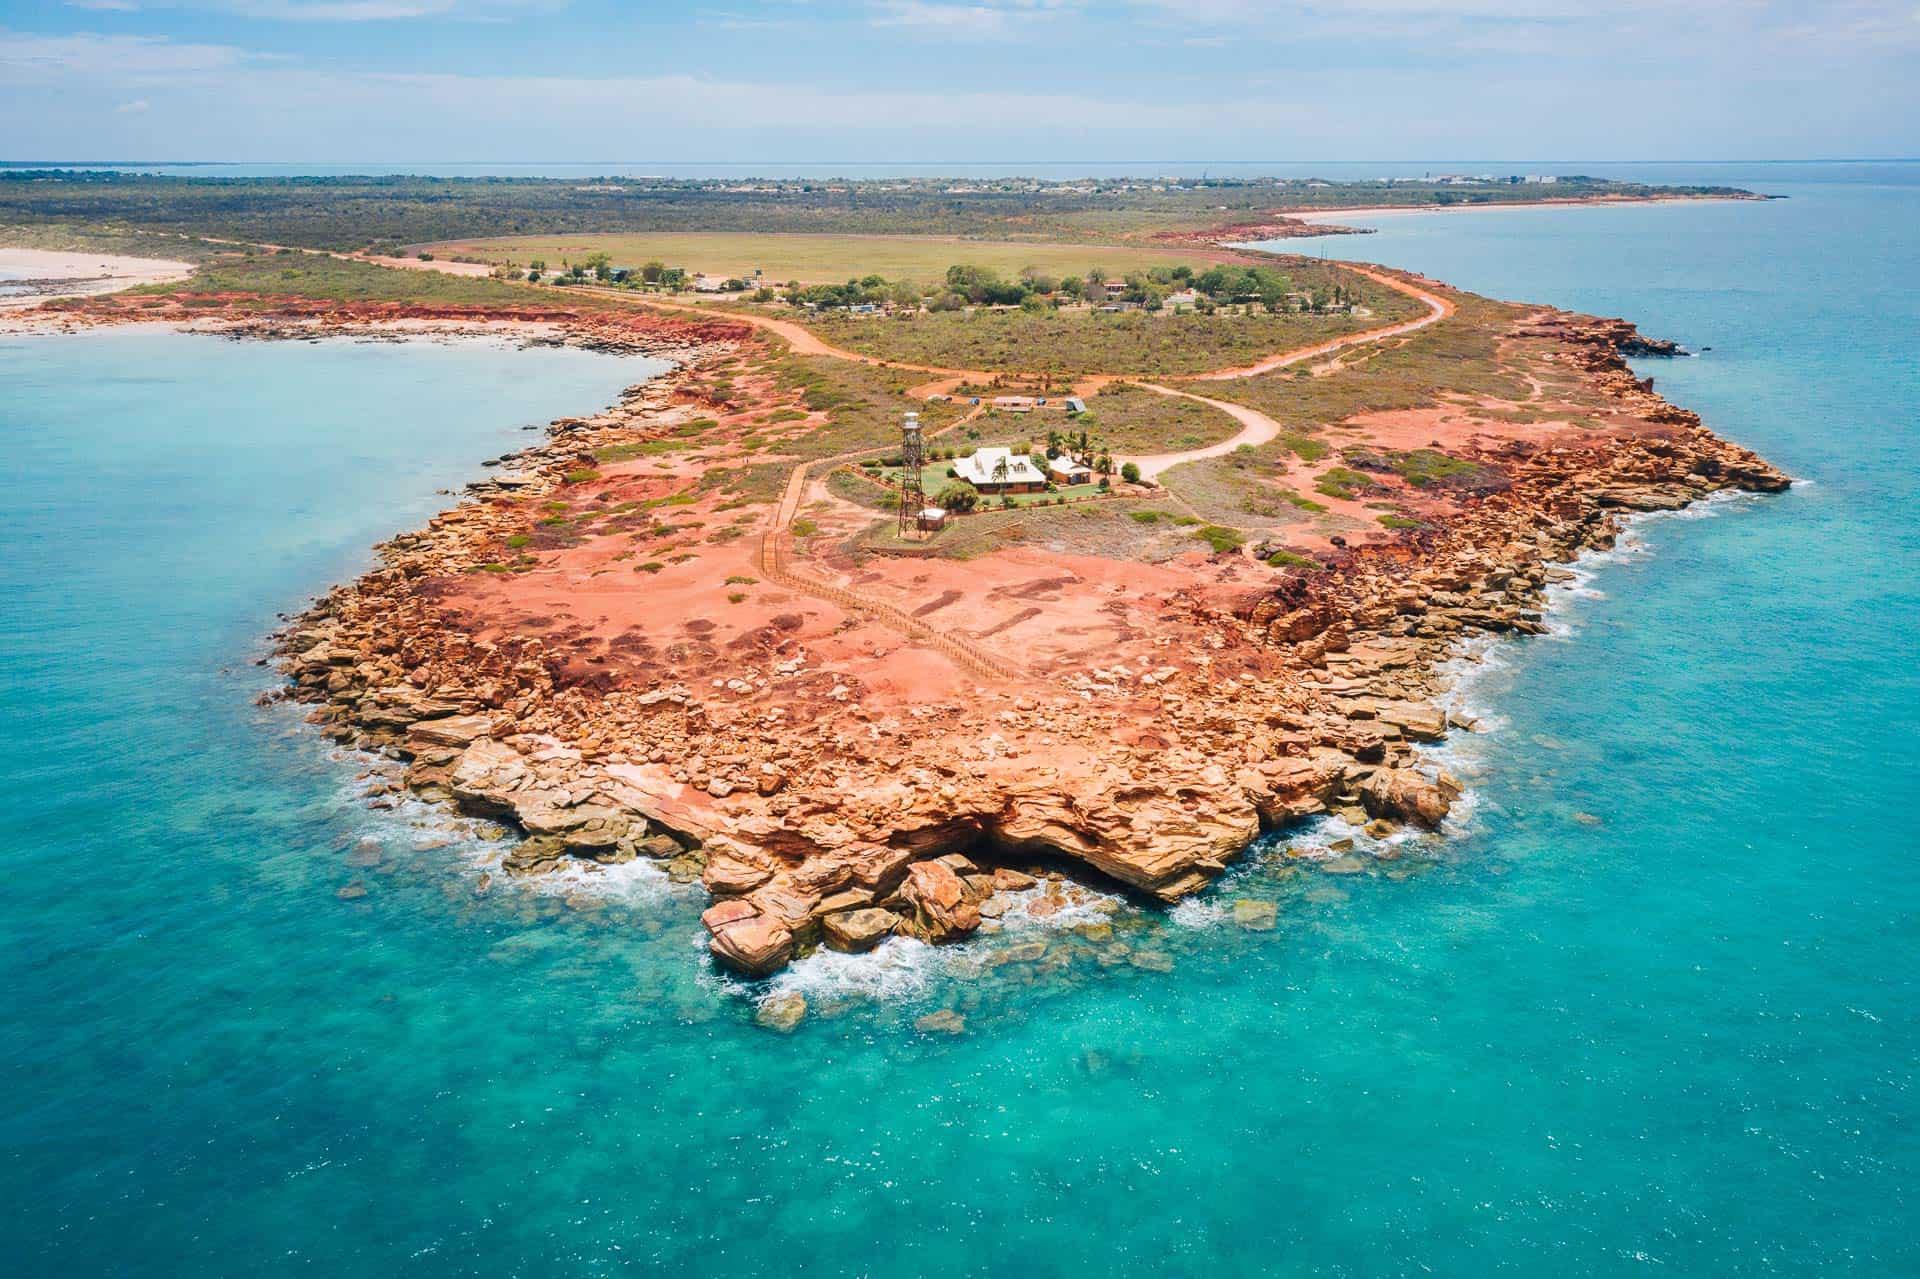 Gantheaume Point, Gantheaume Point beach, broome, broome wa, things to do in broome, broome things to do